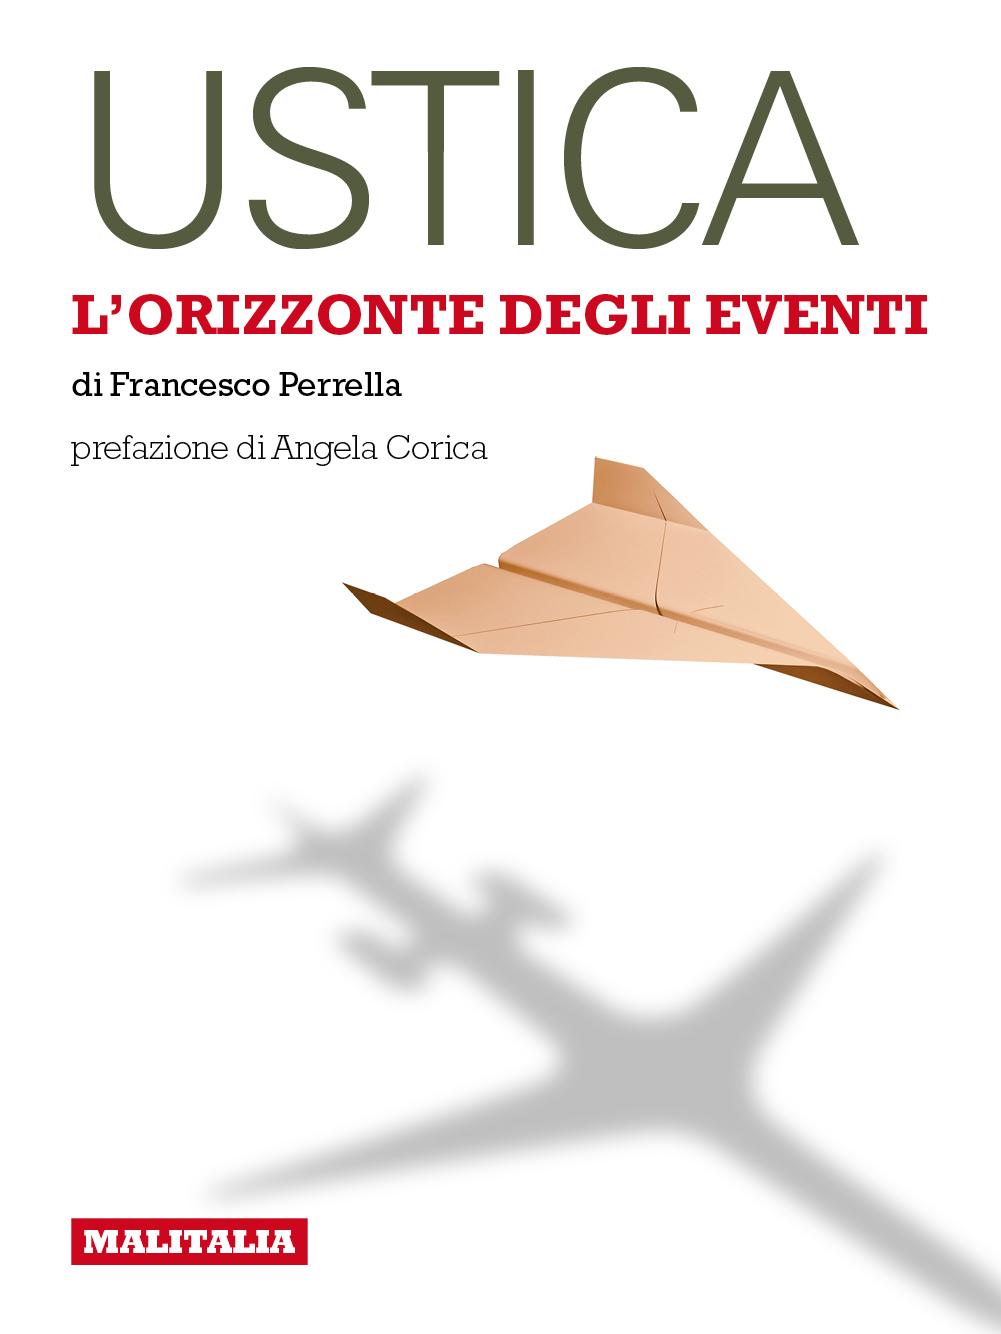 ustica-malitalia-cover